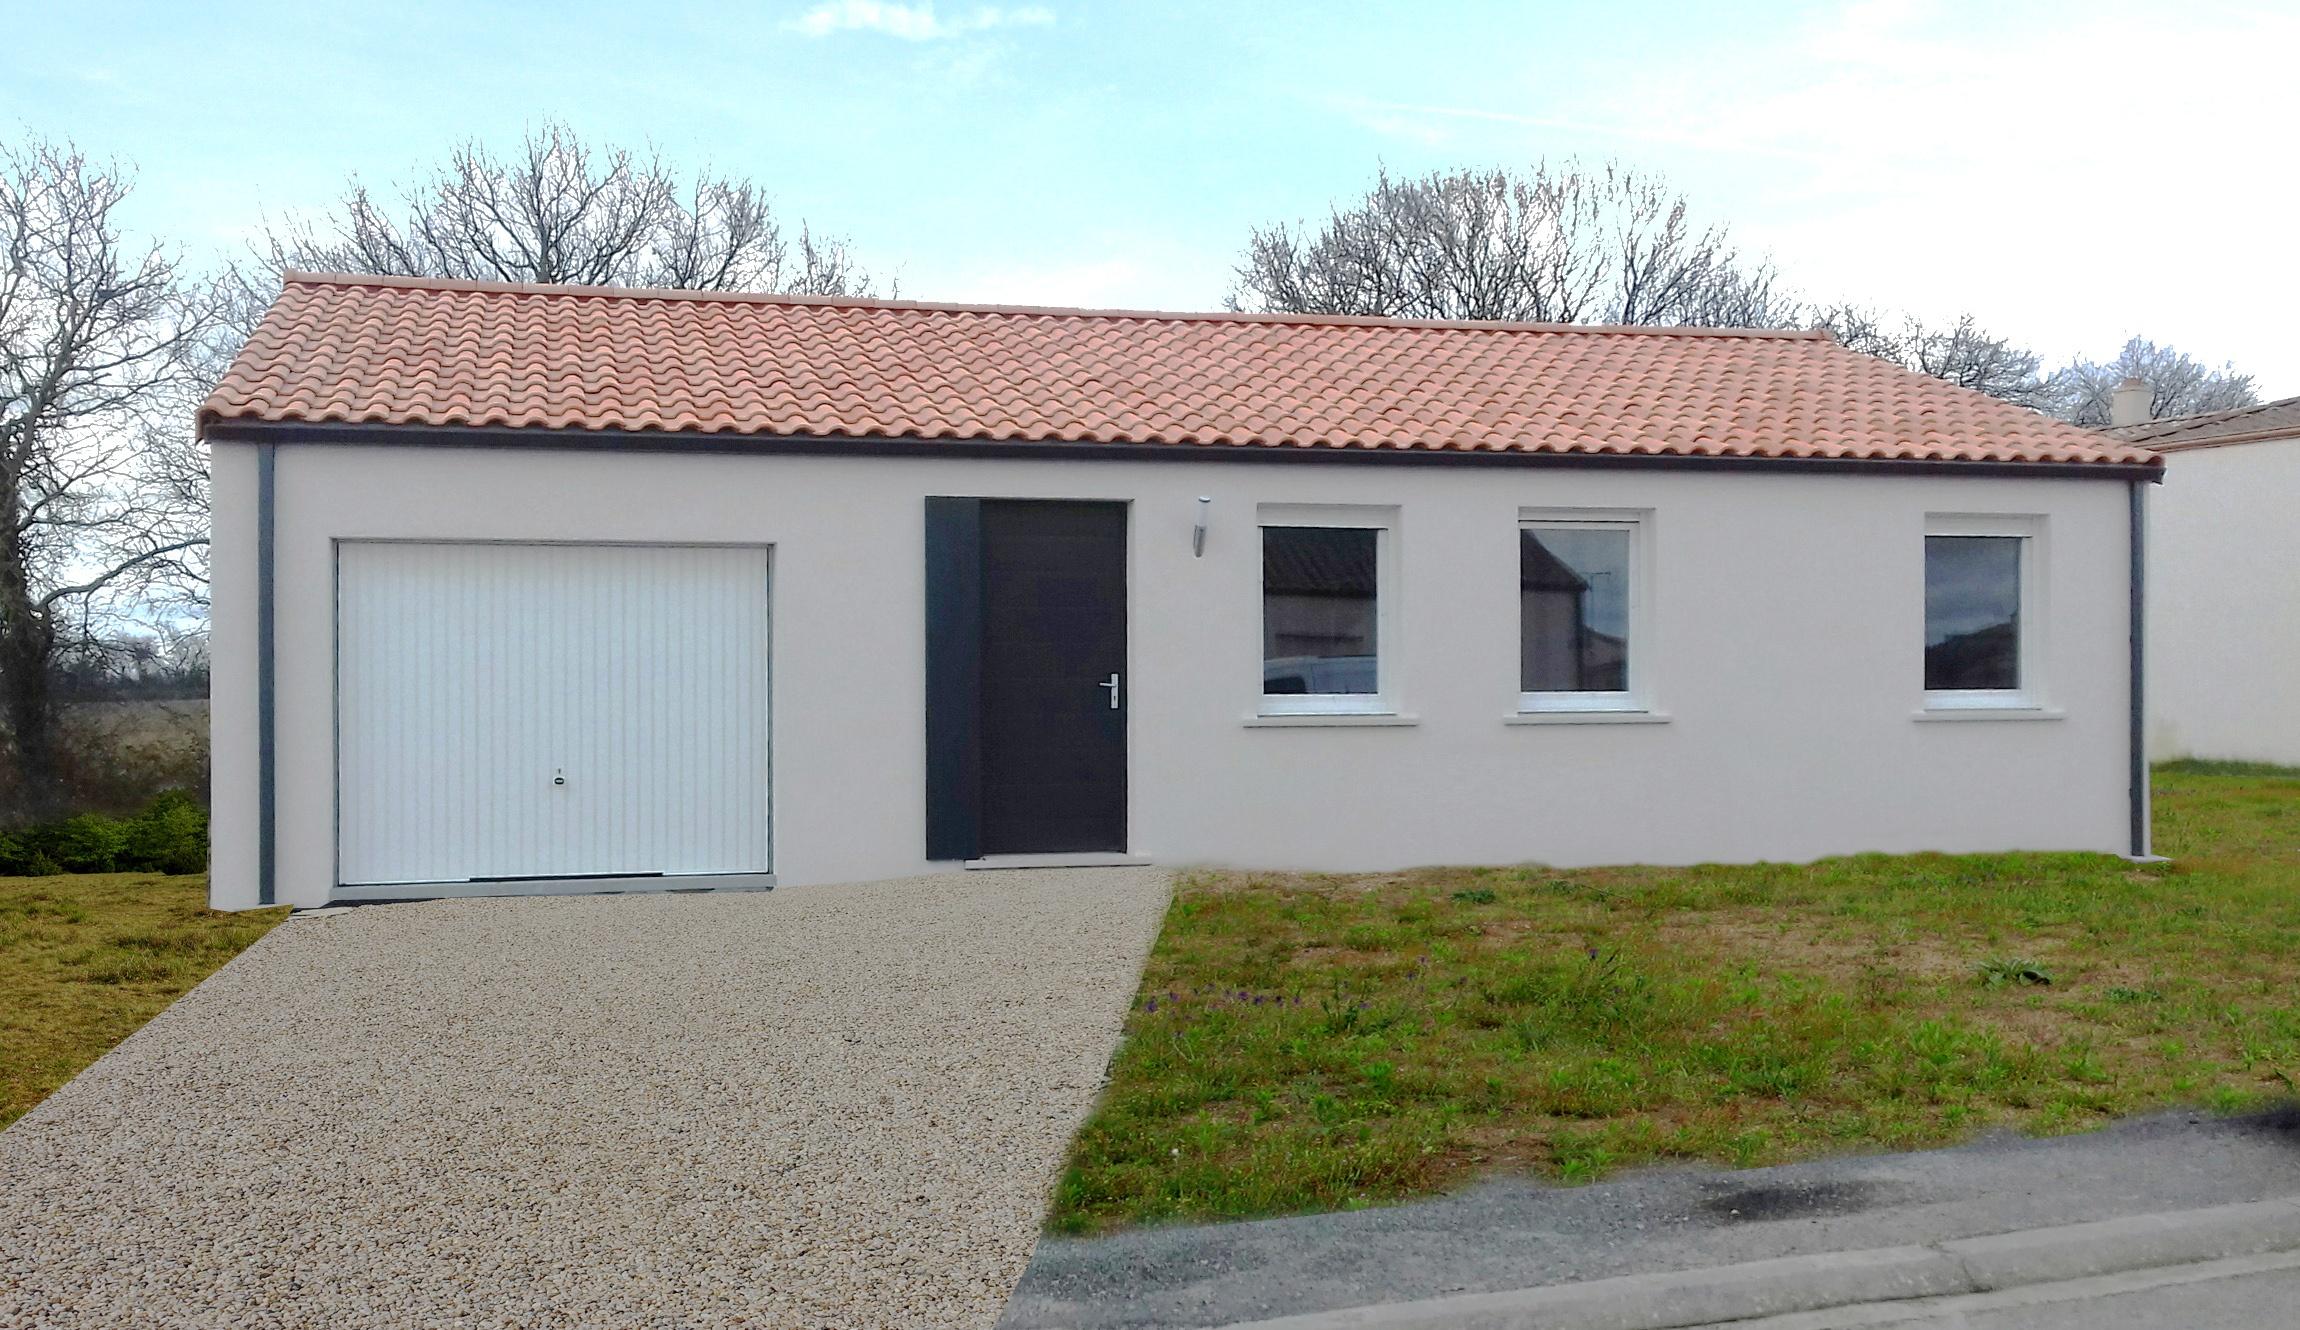 Maisons + Terrains du constructeur MAISON FAMILIALE LA ROCHE-SUR-YON • 86 m² • SAINT VINCENT SUR JARD